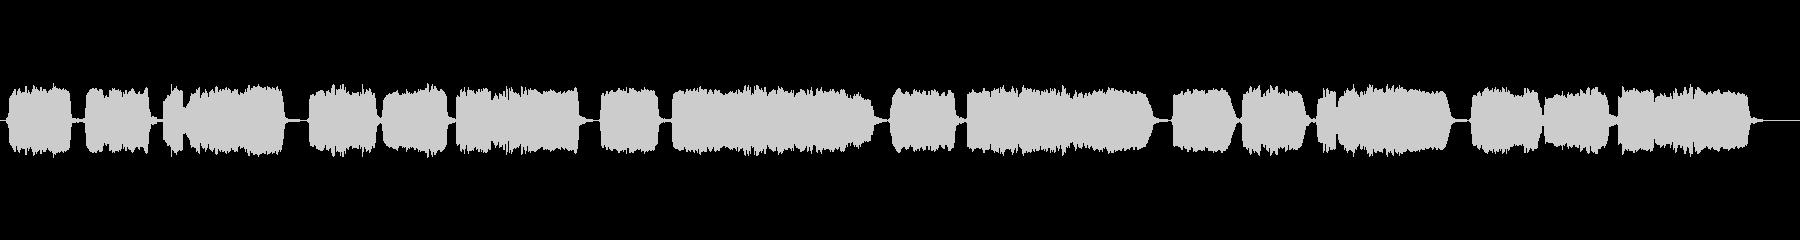 童謡「七つの子」の篠笛独奏の未再生の波形